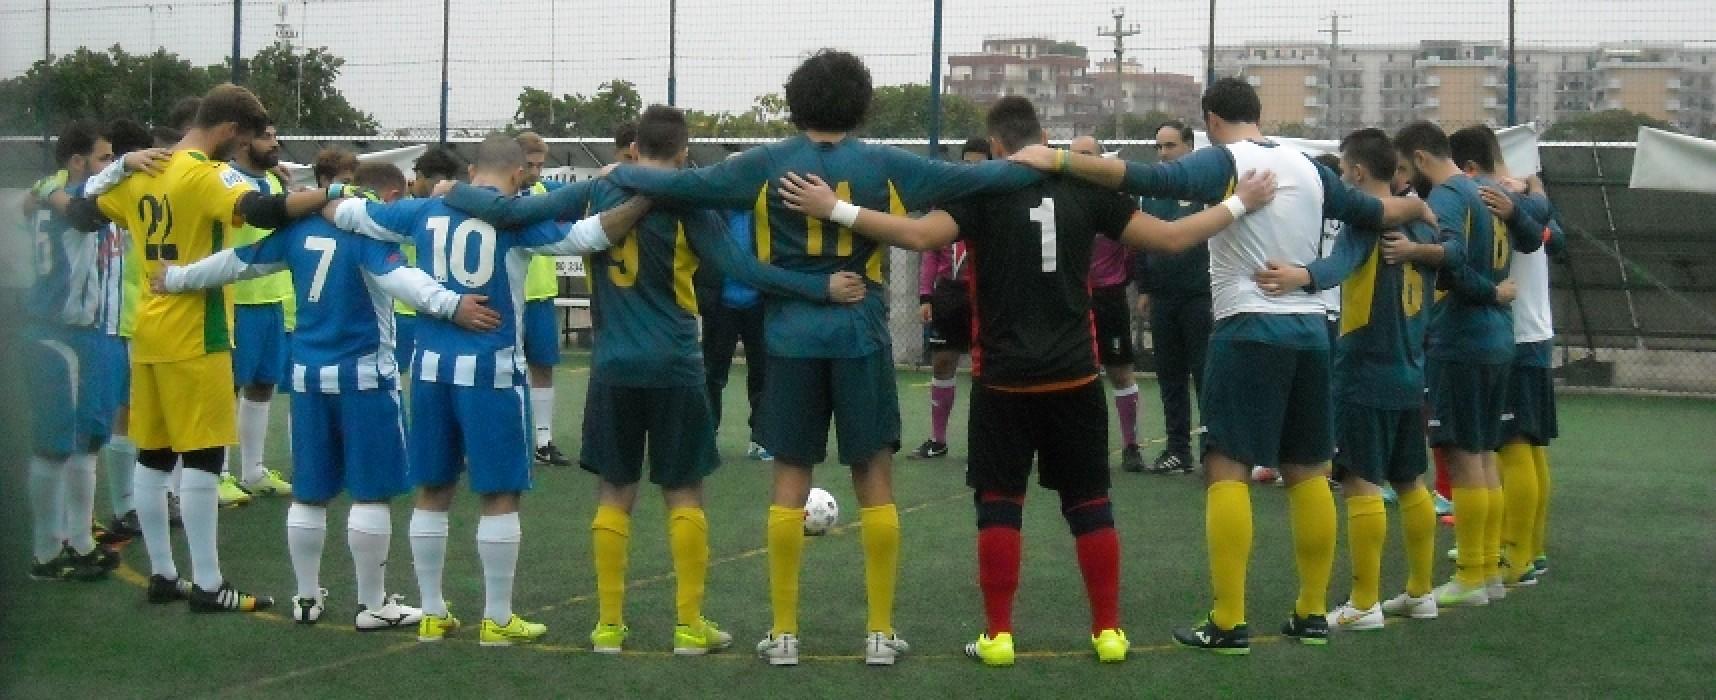 Serie C1 calcio a cinque, Diaz a Cassano, Santos ad Altamura e Nettuno in casa contro Carovigno / CLASSIFICA